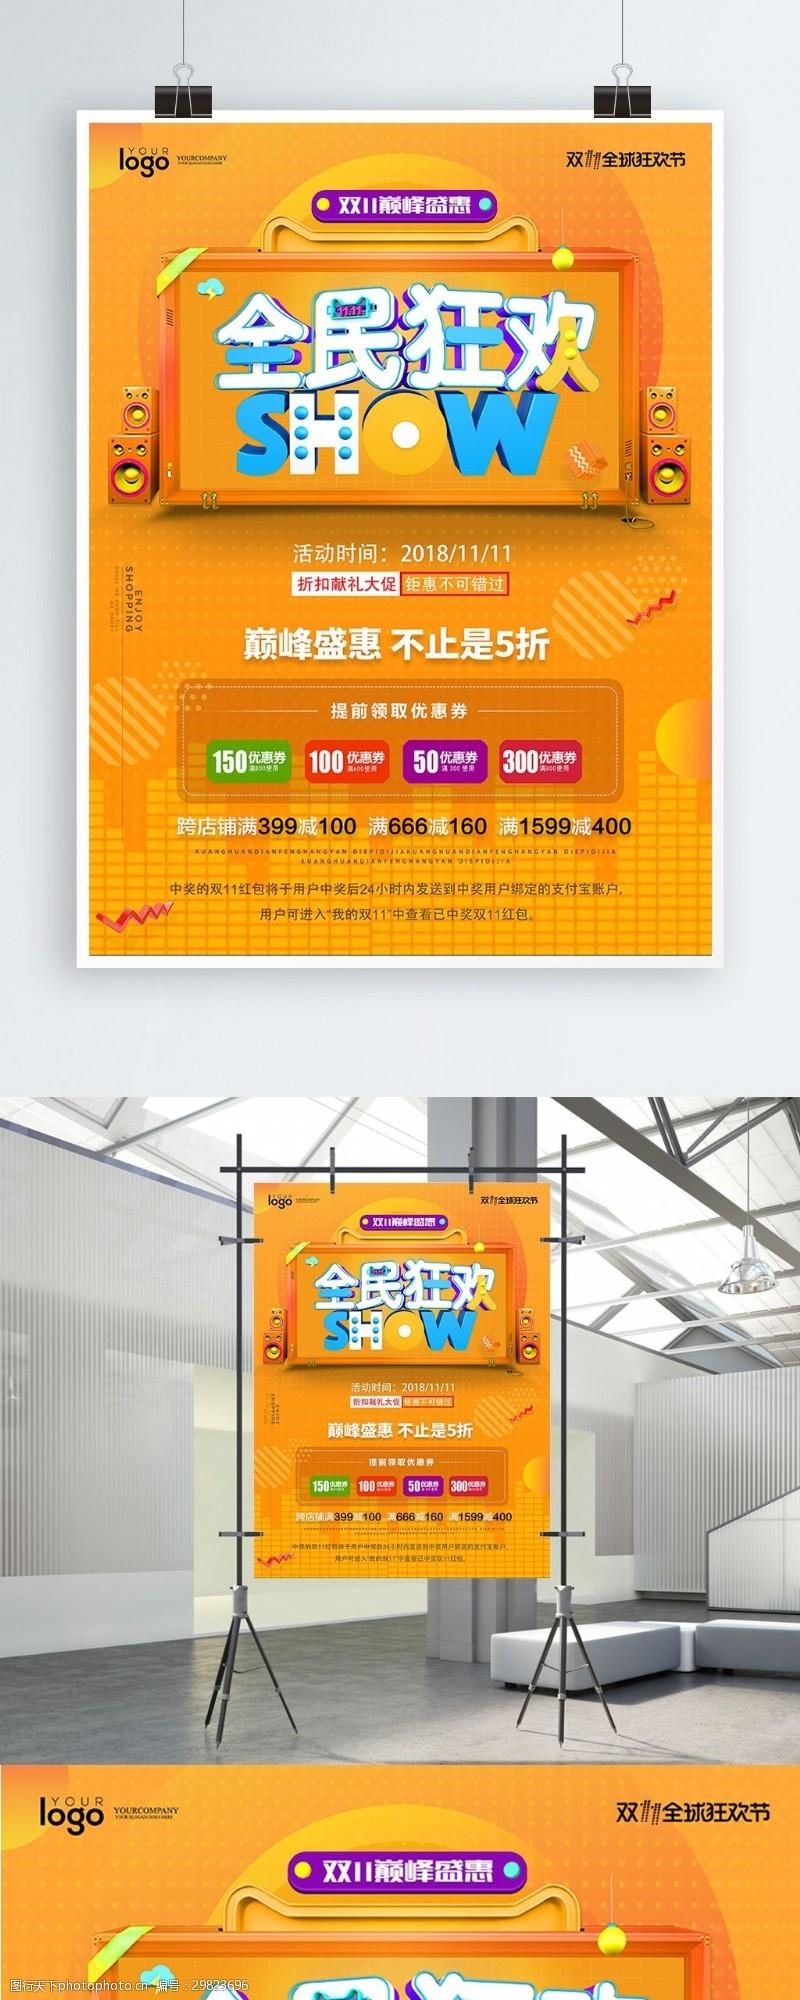 巅峰盛宴亮黄色欢快感双十一全民狂欢促销海报设计